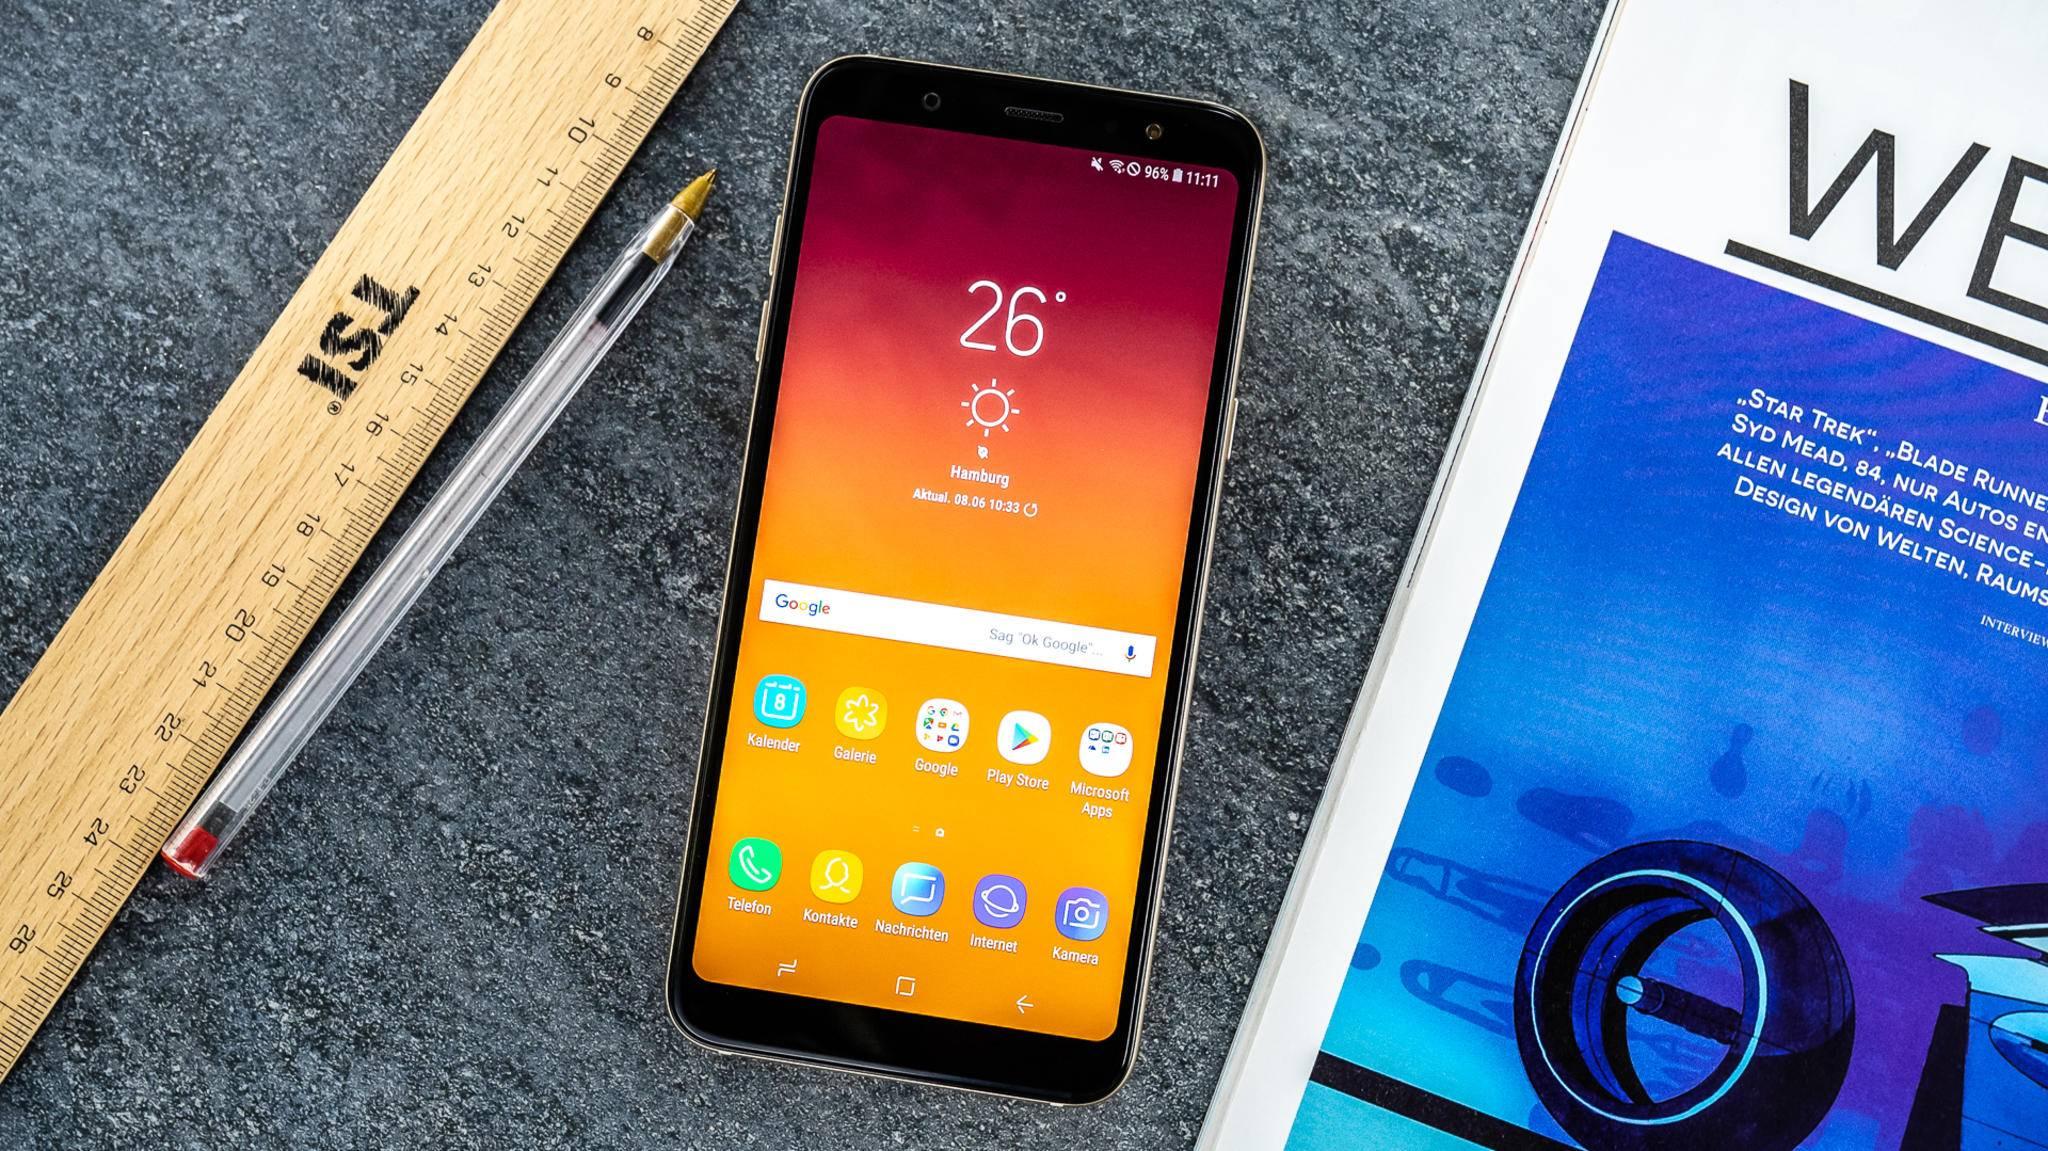 Das Galaxy A6 Plus (2018) hat einige Vorzüge gegenüber dem Galaxy A6 (2018).